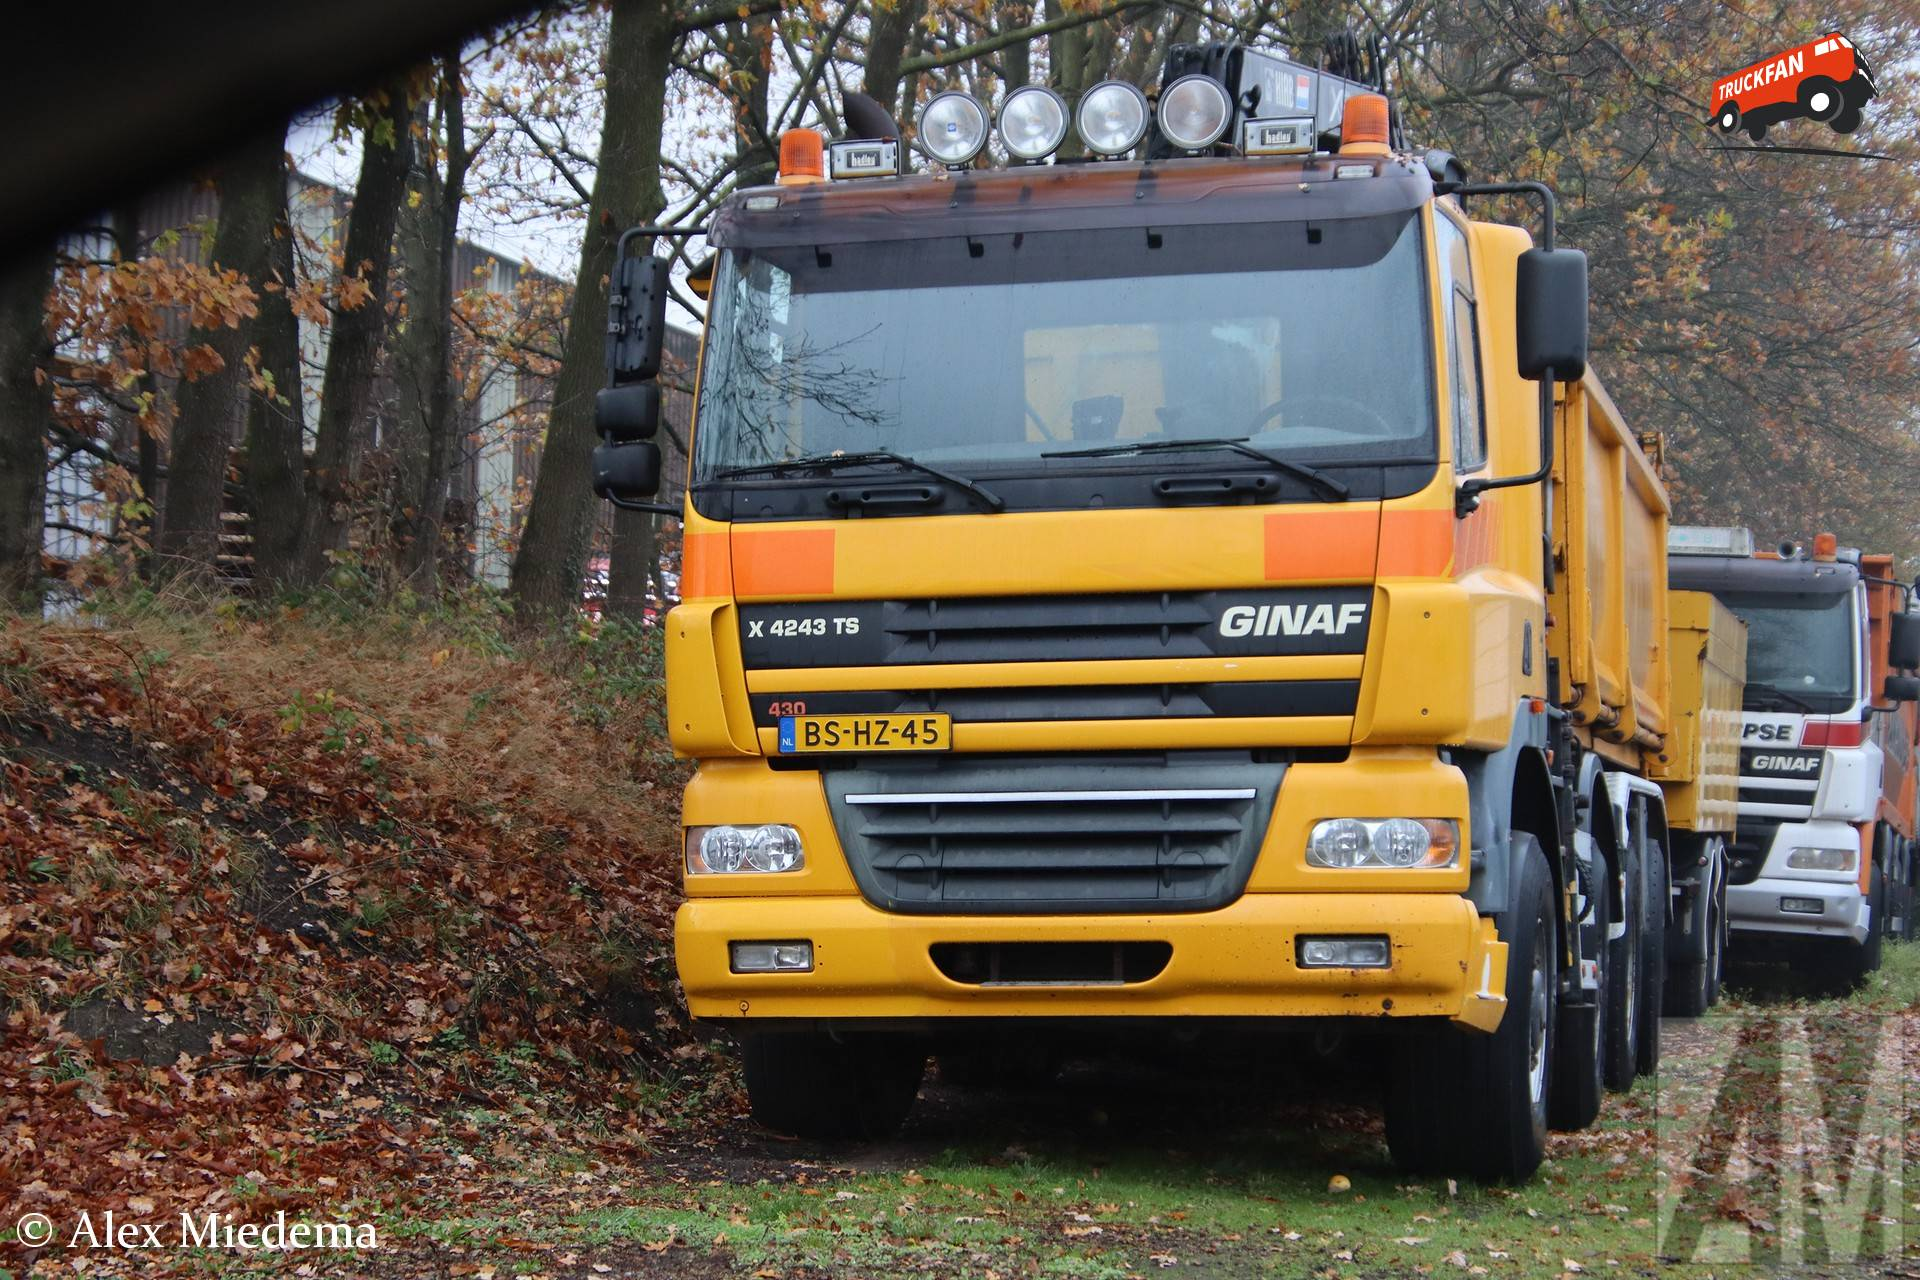 GINAF X4243-TS